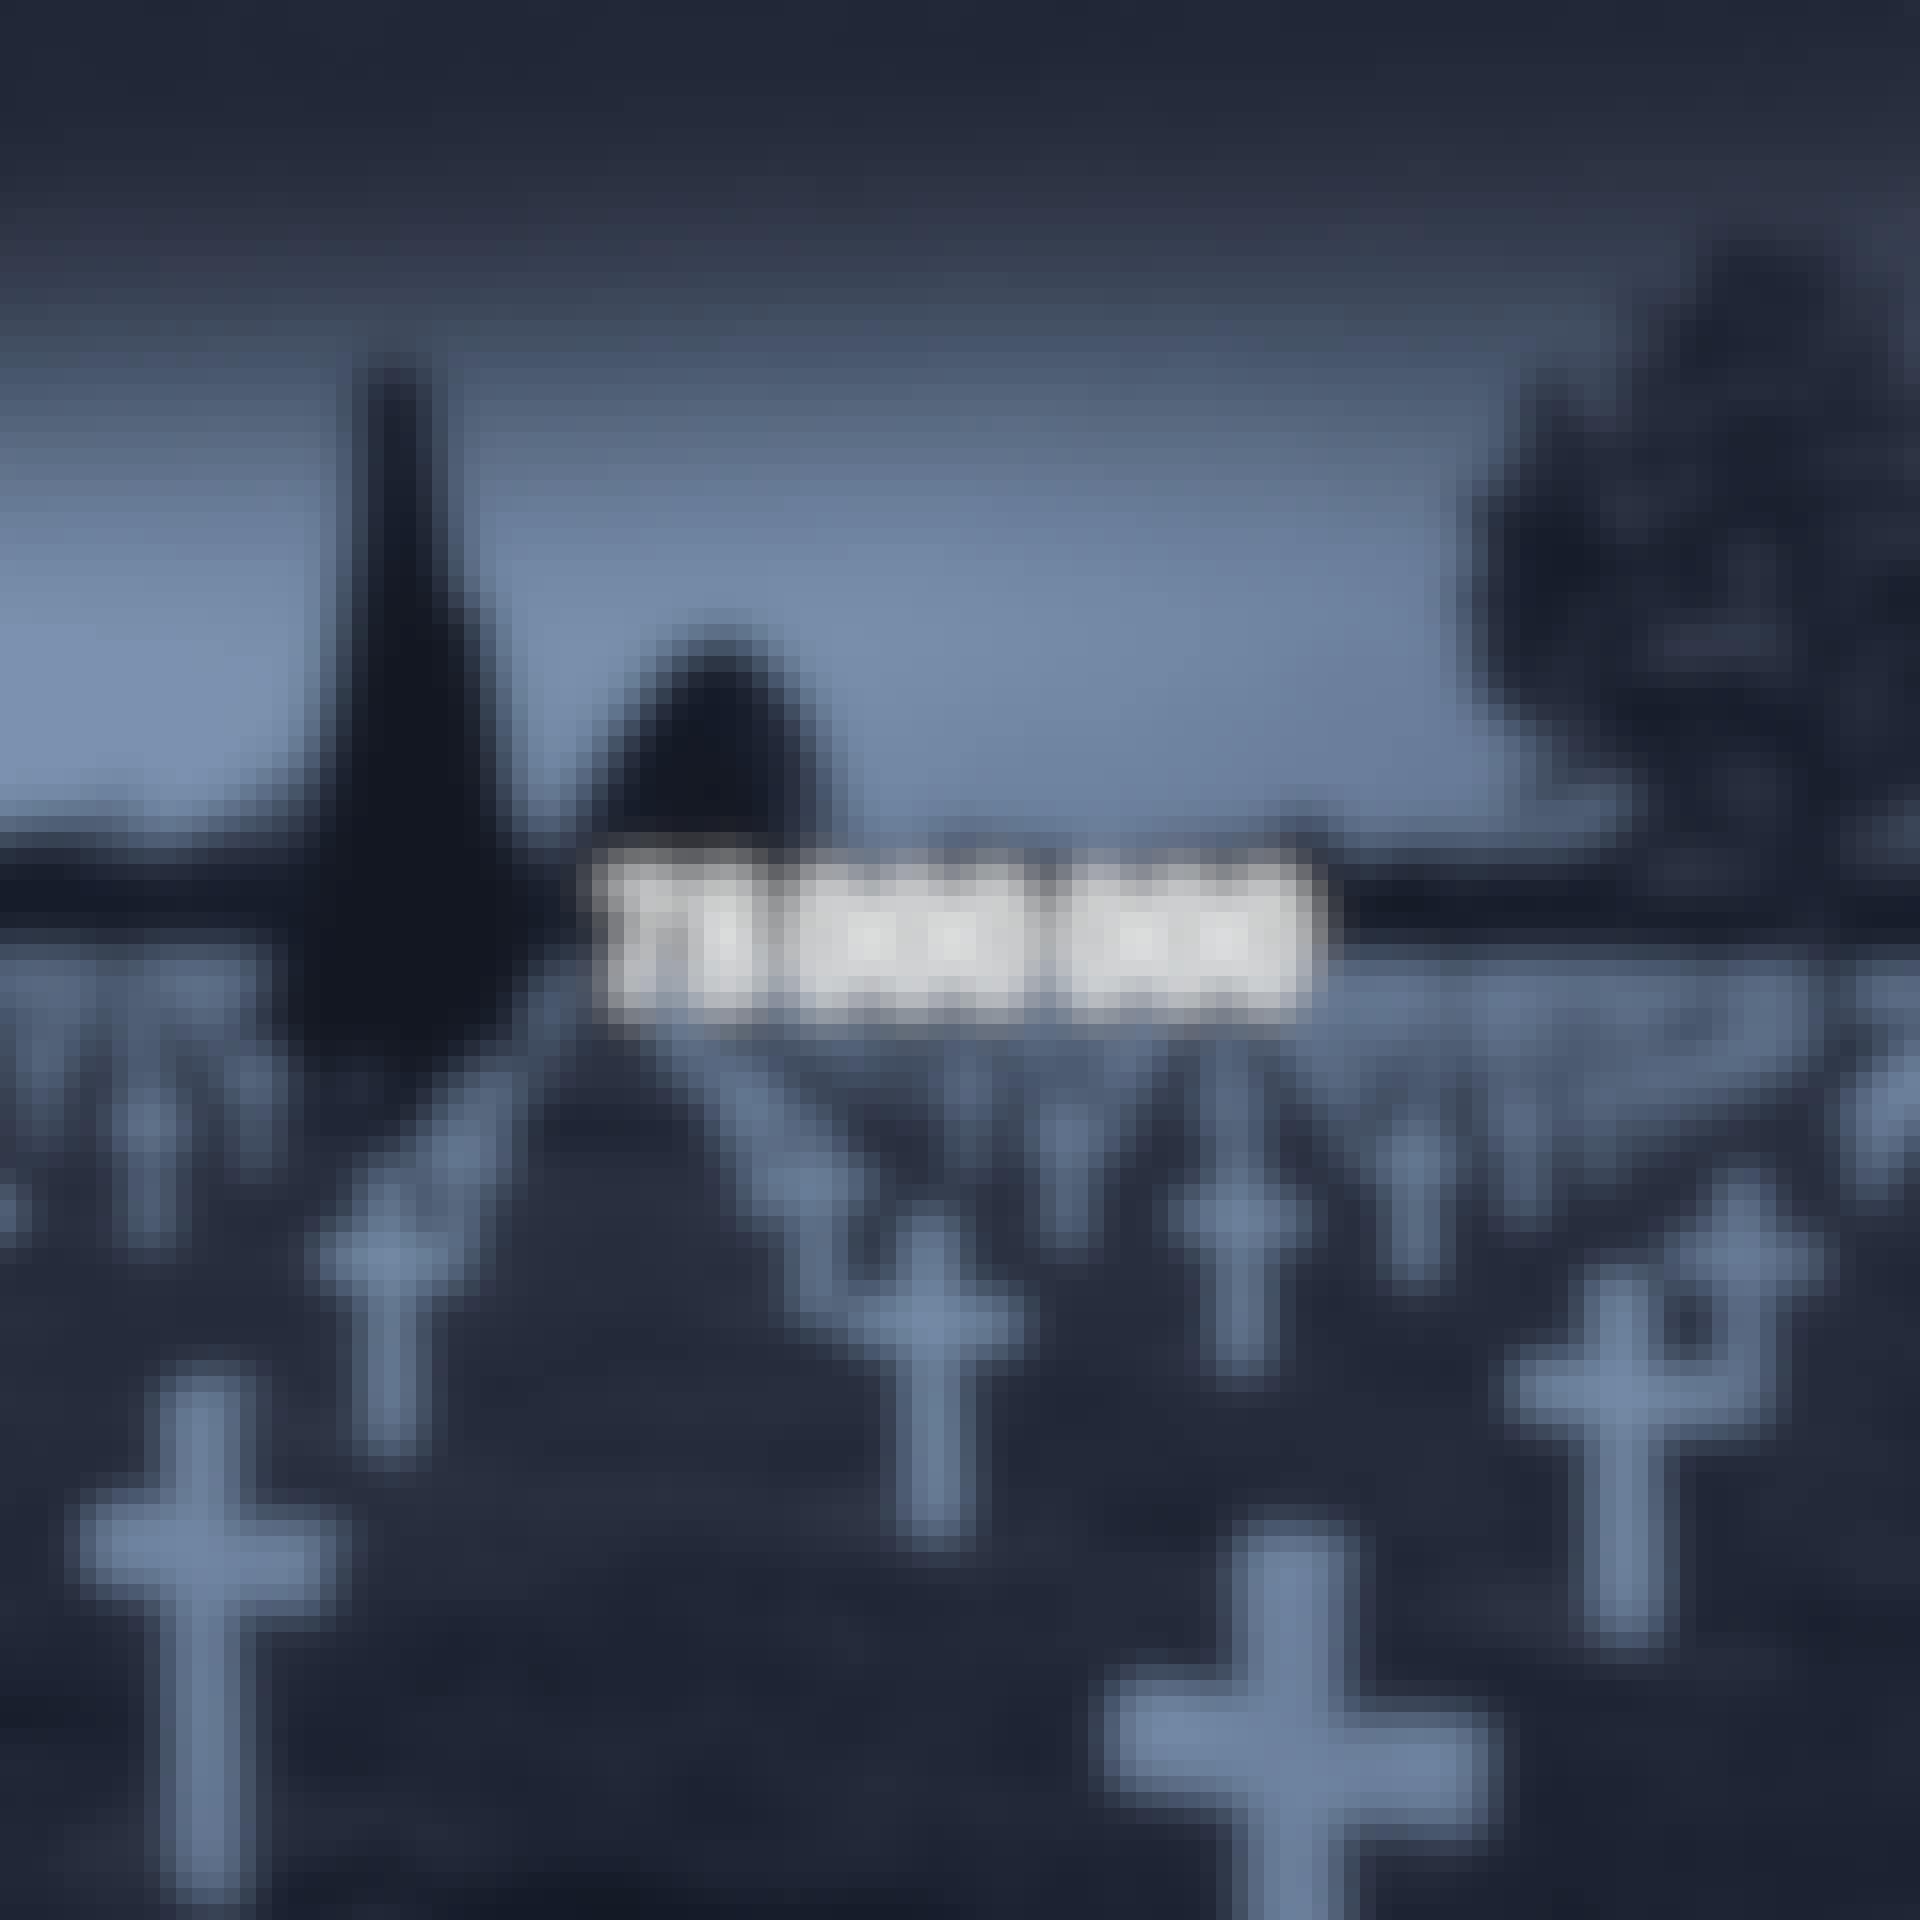 2. verdenskrig antal døde